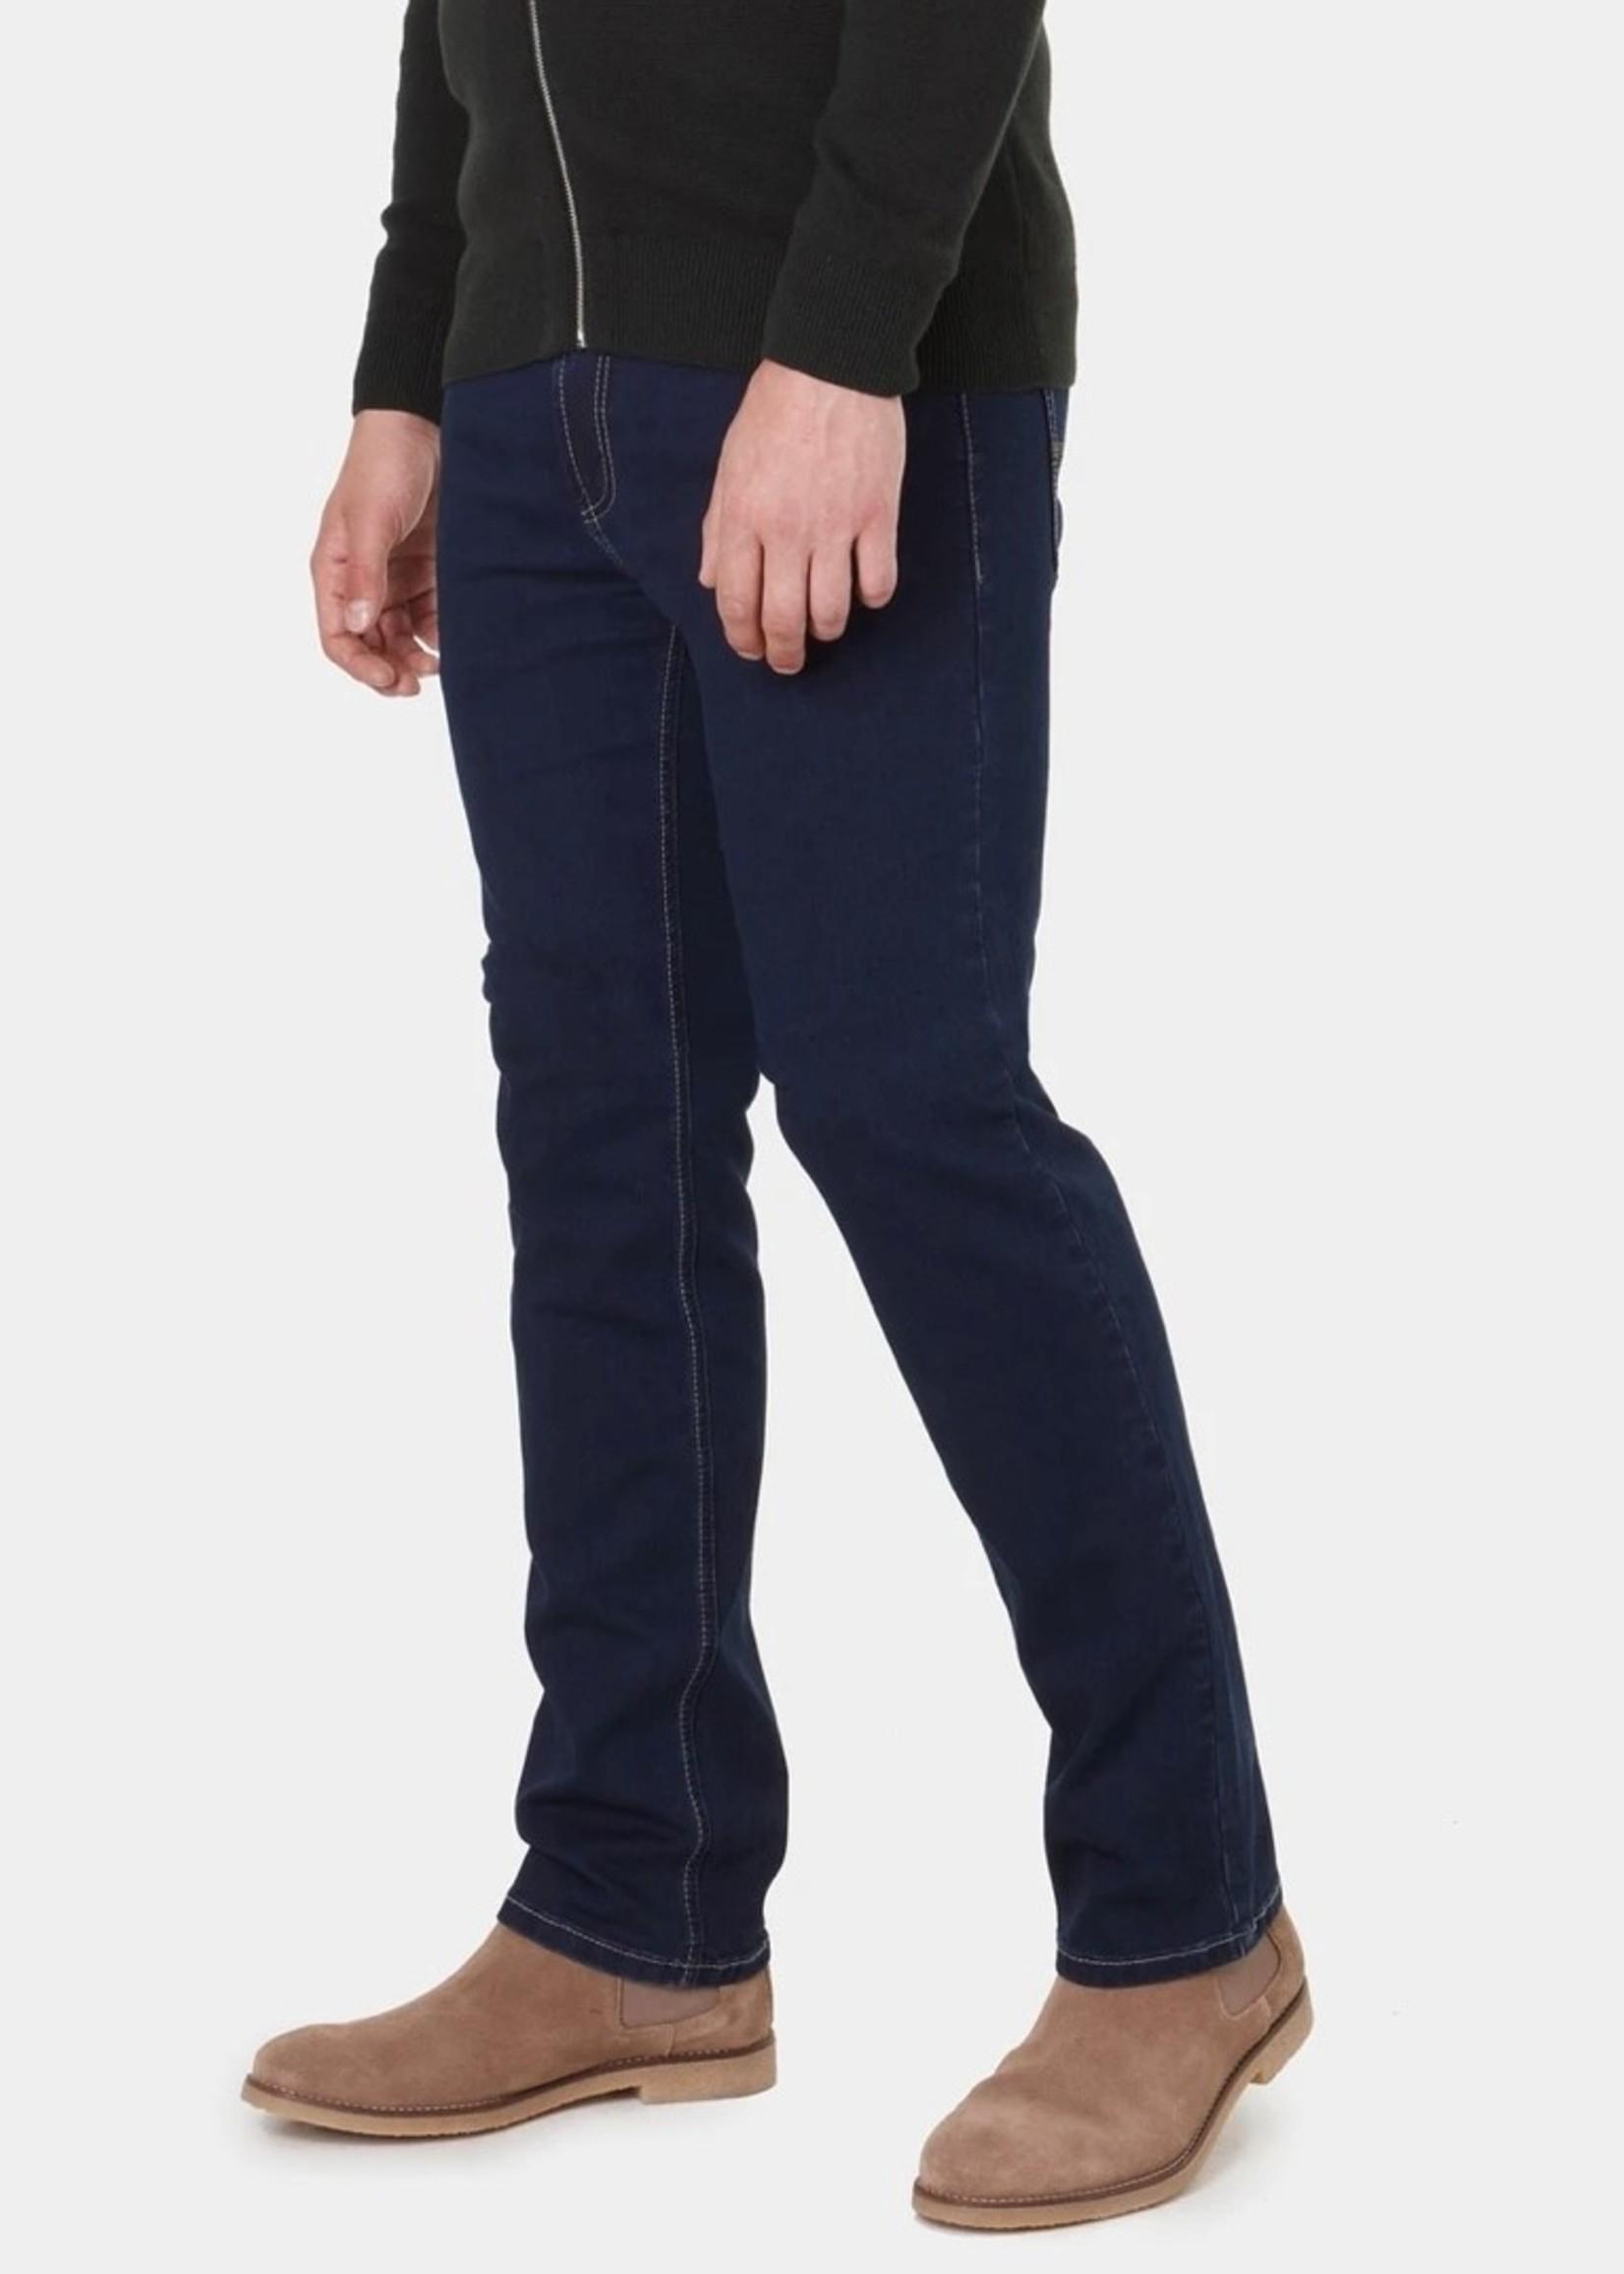 Lois Peter slim look jean